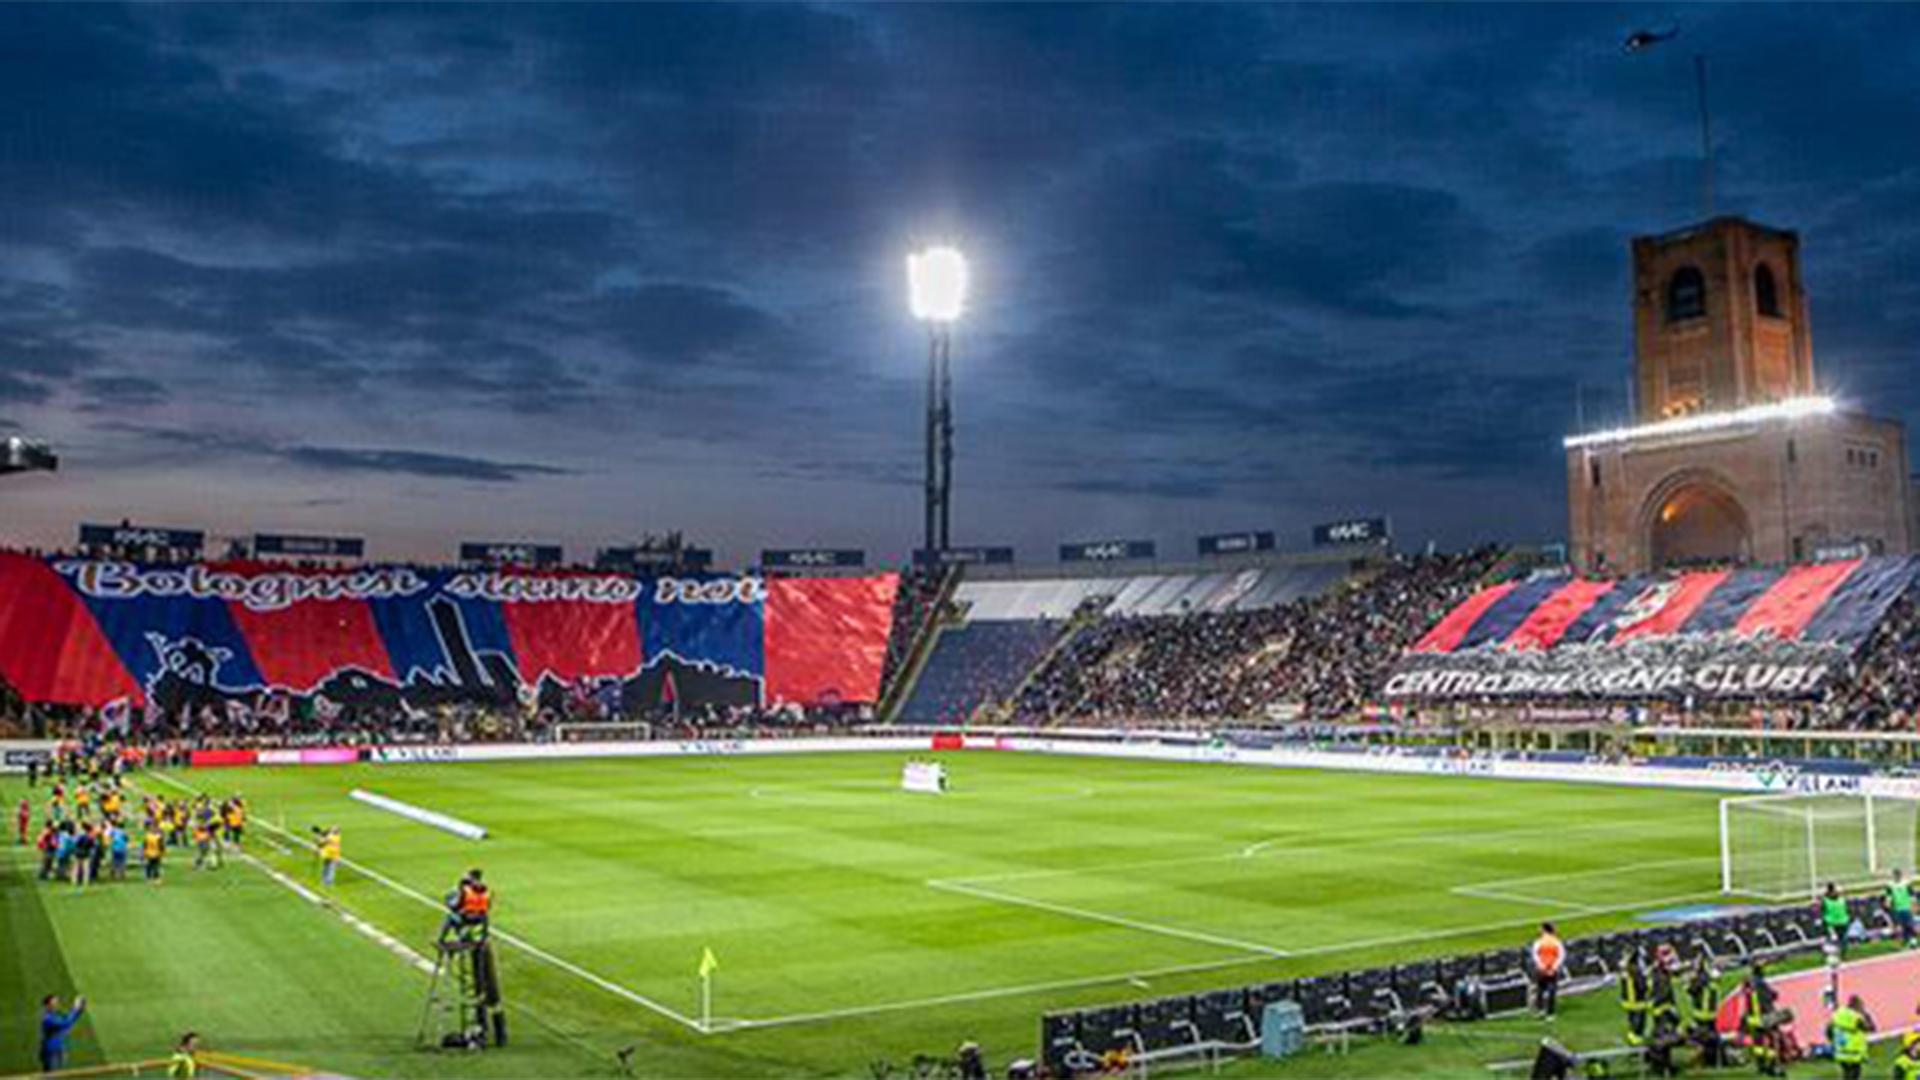 Licenze UEFA, il Napoli indica il Dall'Ara per le gare interne 2019/20